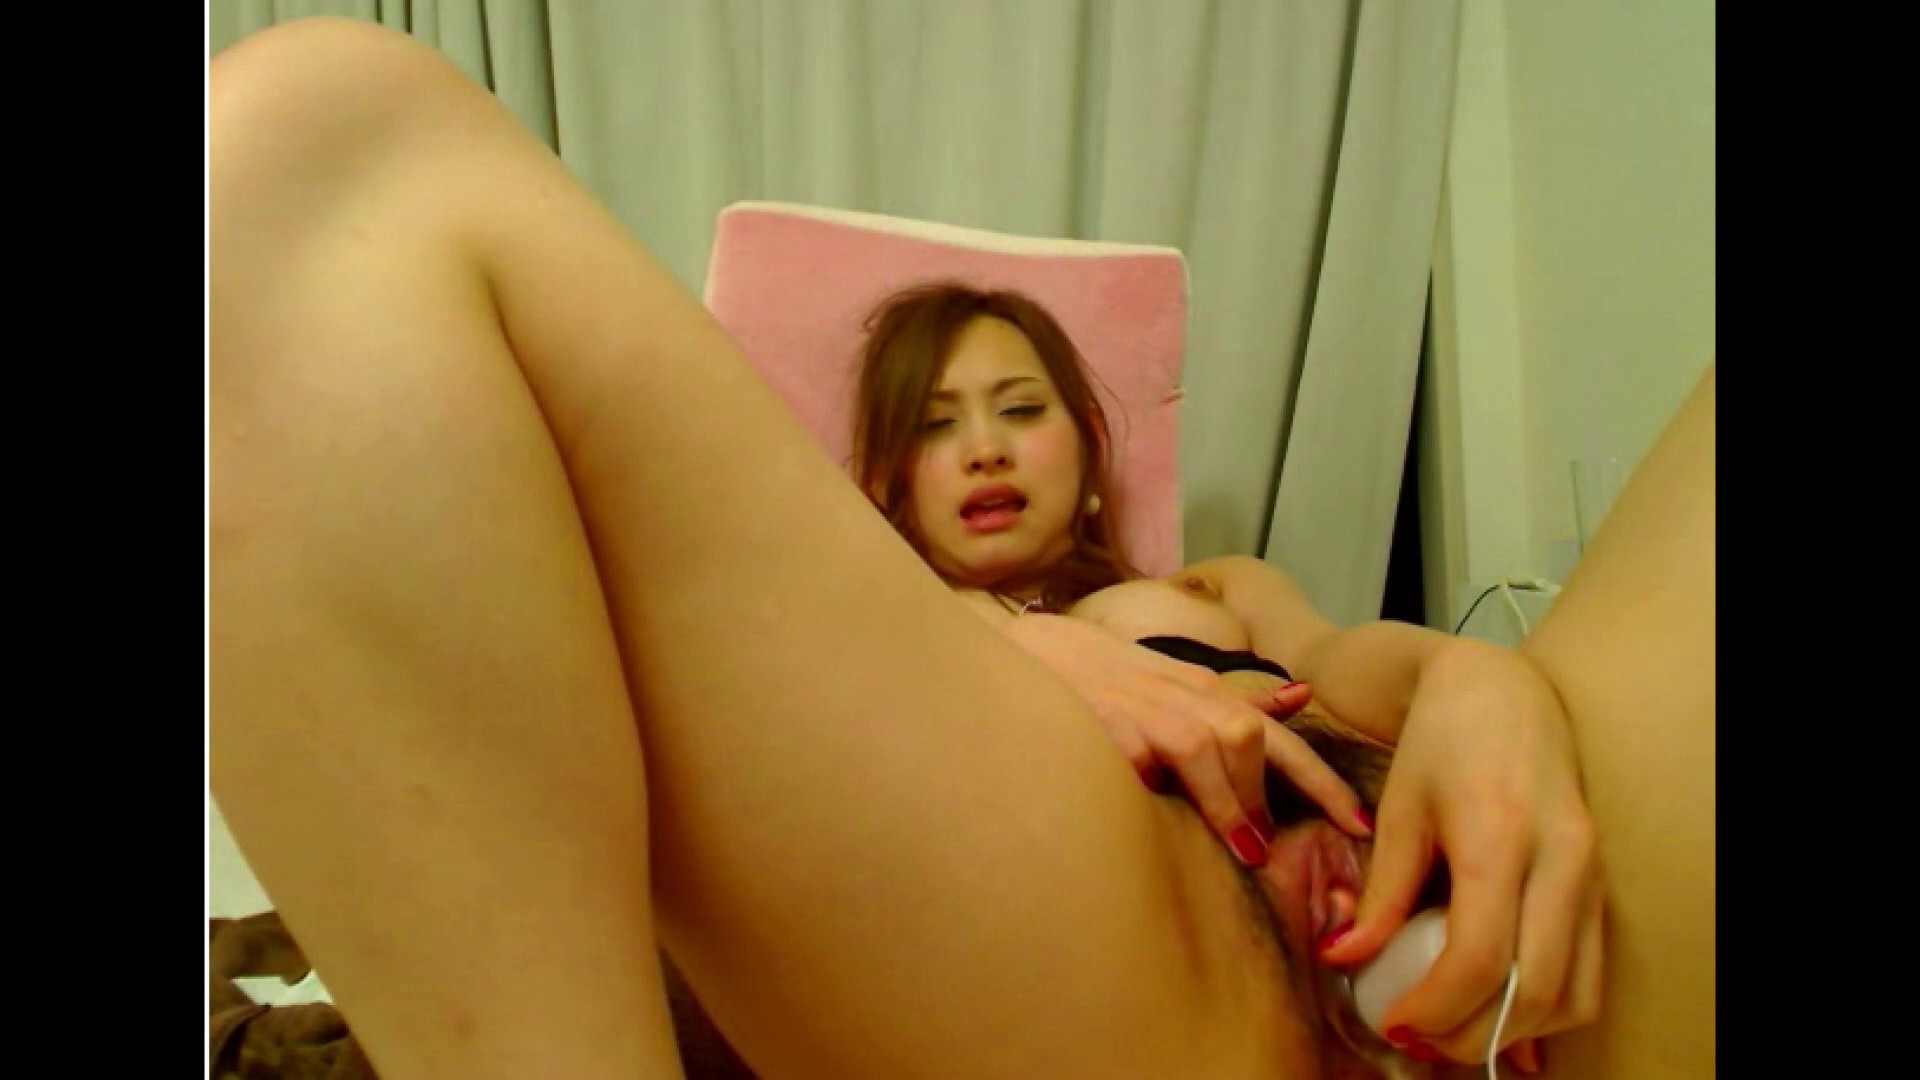 感じちゃってる!おもちゃでオナニー Vol.02 S級美女ギャル | すけべなOL  76画像 13